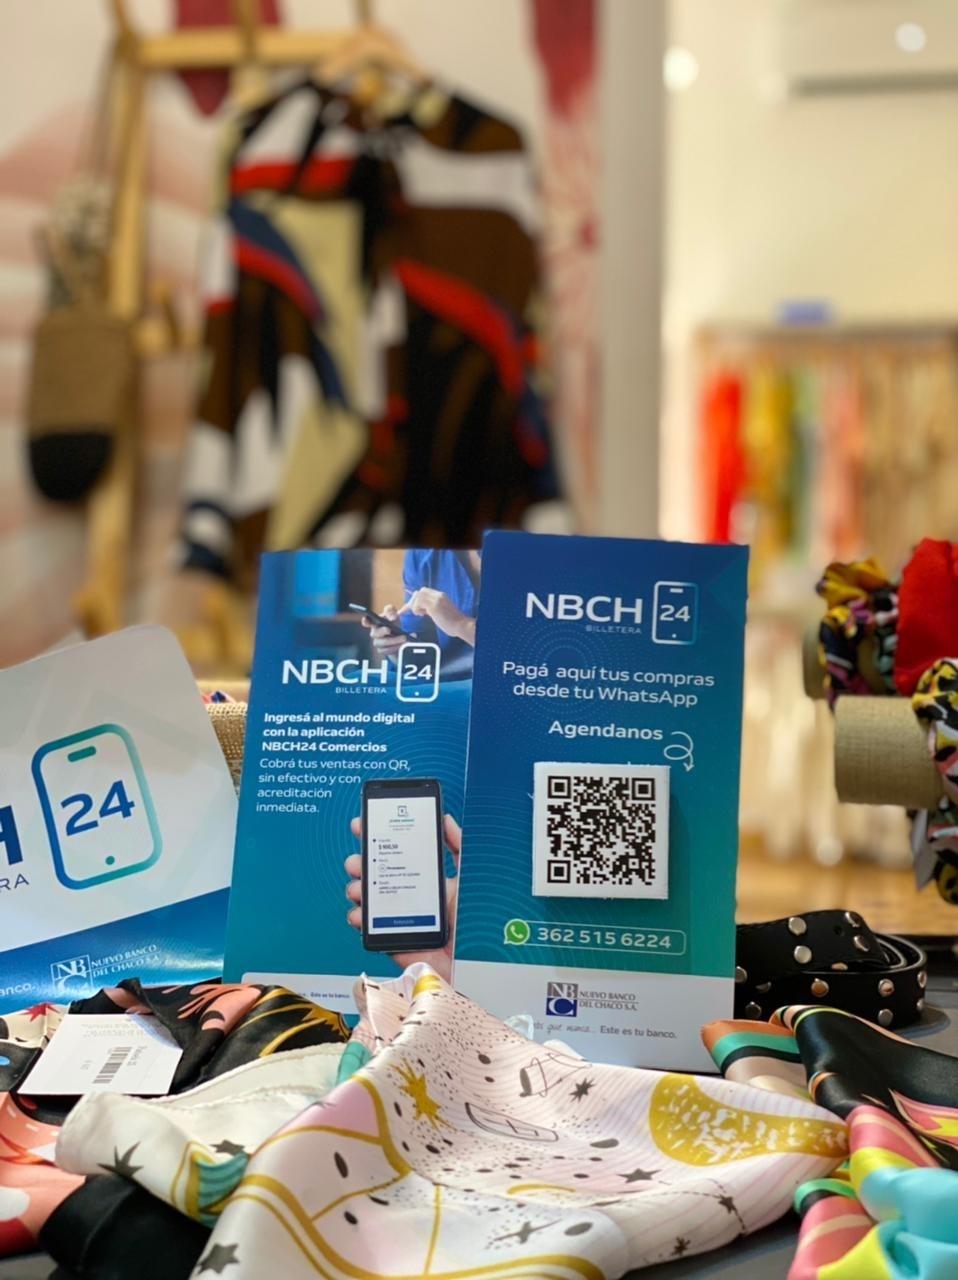 NBCH24 BILLETERA: LA OPCIÓN GRATUITA PARA HACER TRANSACCIONES DESDE WHATSAPP